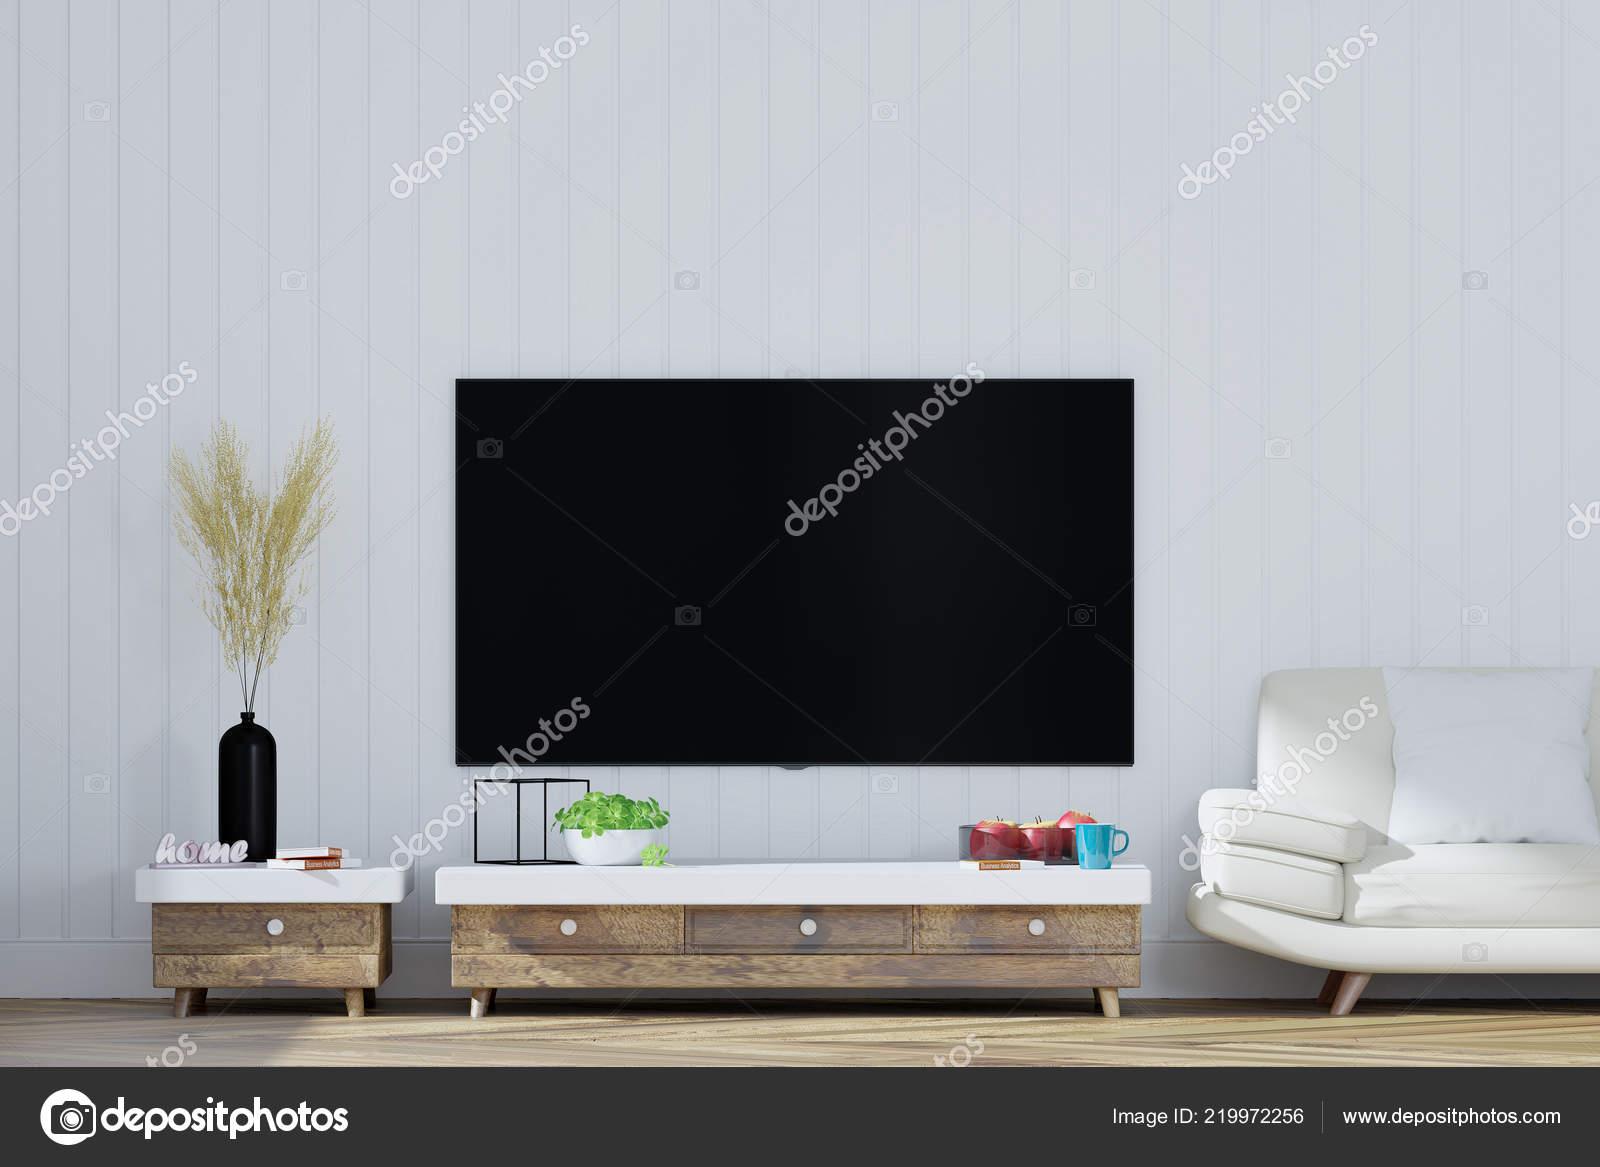 Auf Dem Schrank Wohnzimmer Rendering — Stockfoto © Mavas_Bd #219972256